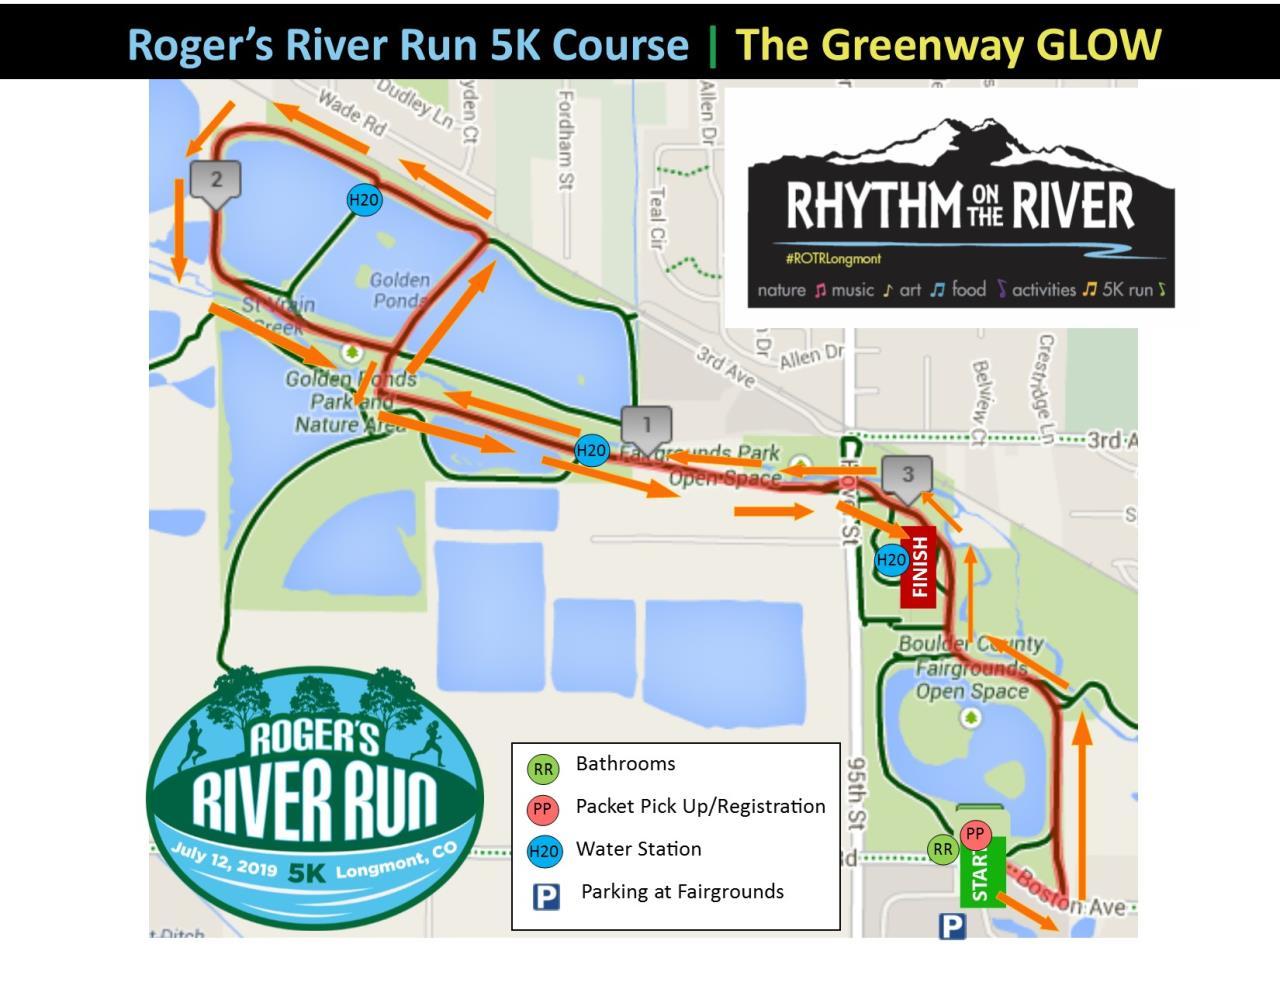 5K RRR Course